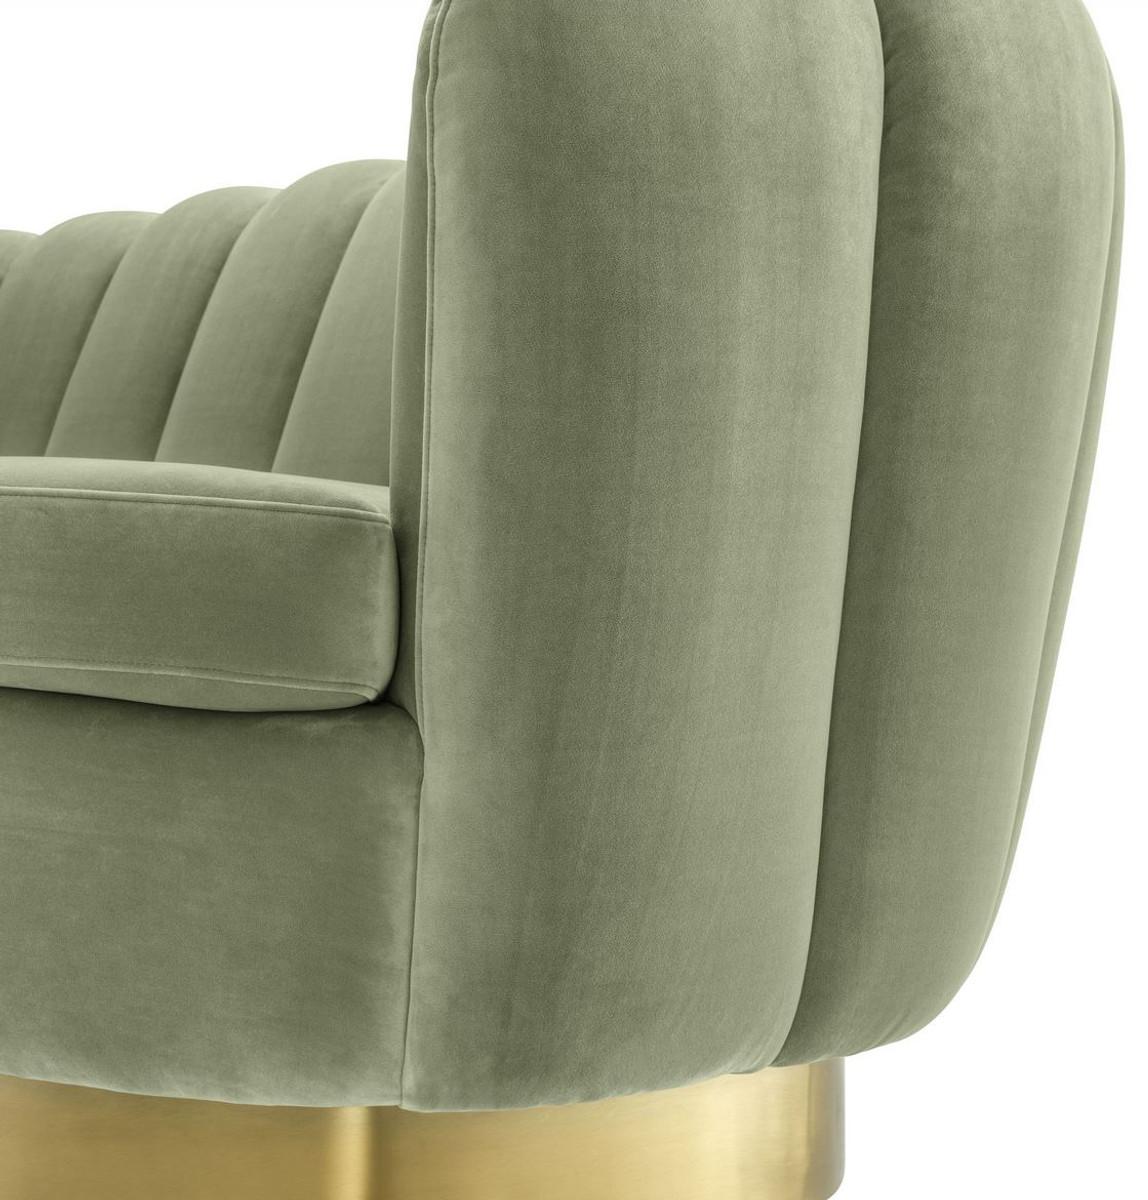 Casa Padrino Luxus Samt Sofa Pistaziengrün / Messingfarben 225 x 90 x H. 80 cm - Wohnzimmer Sofa - Luxus Qualität 5